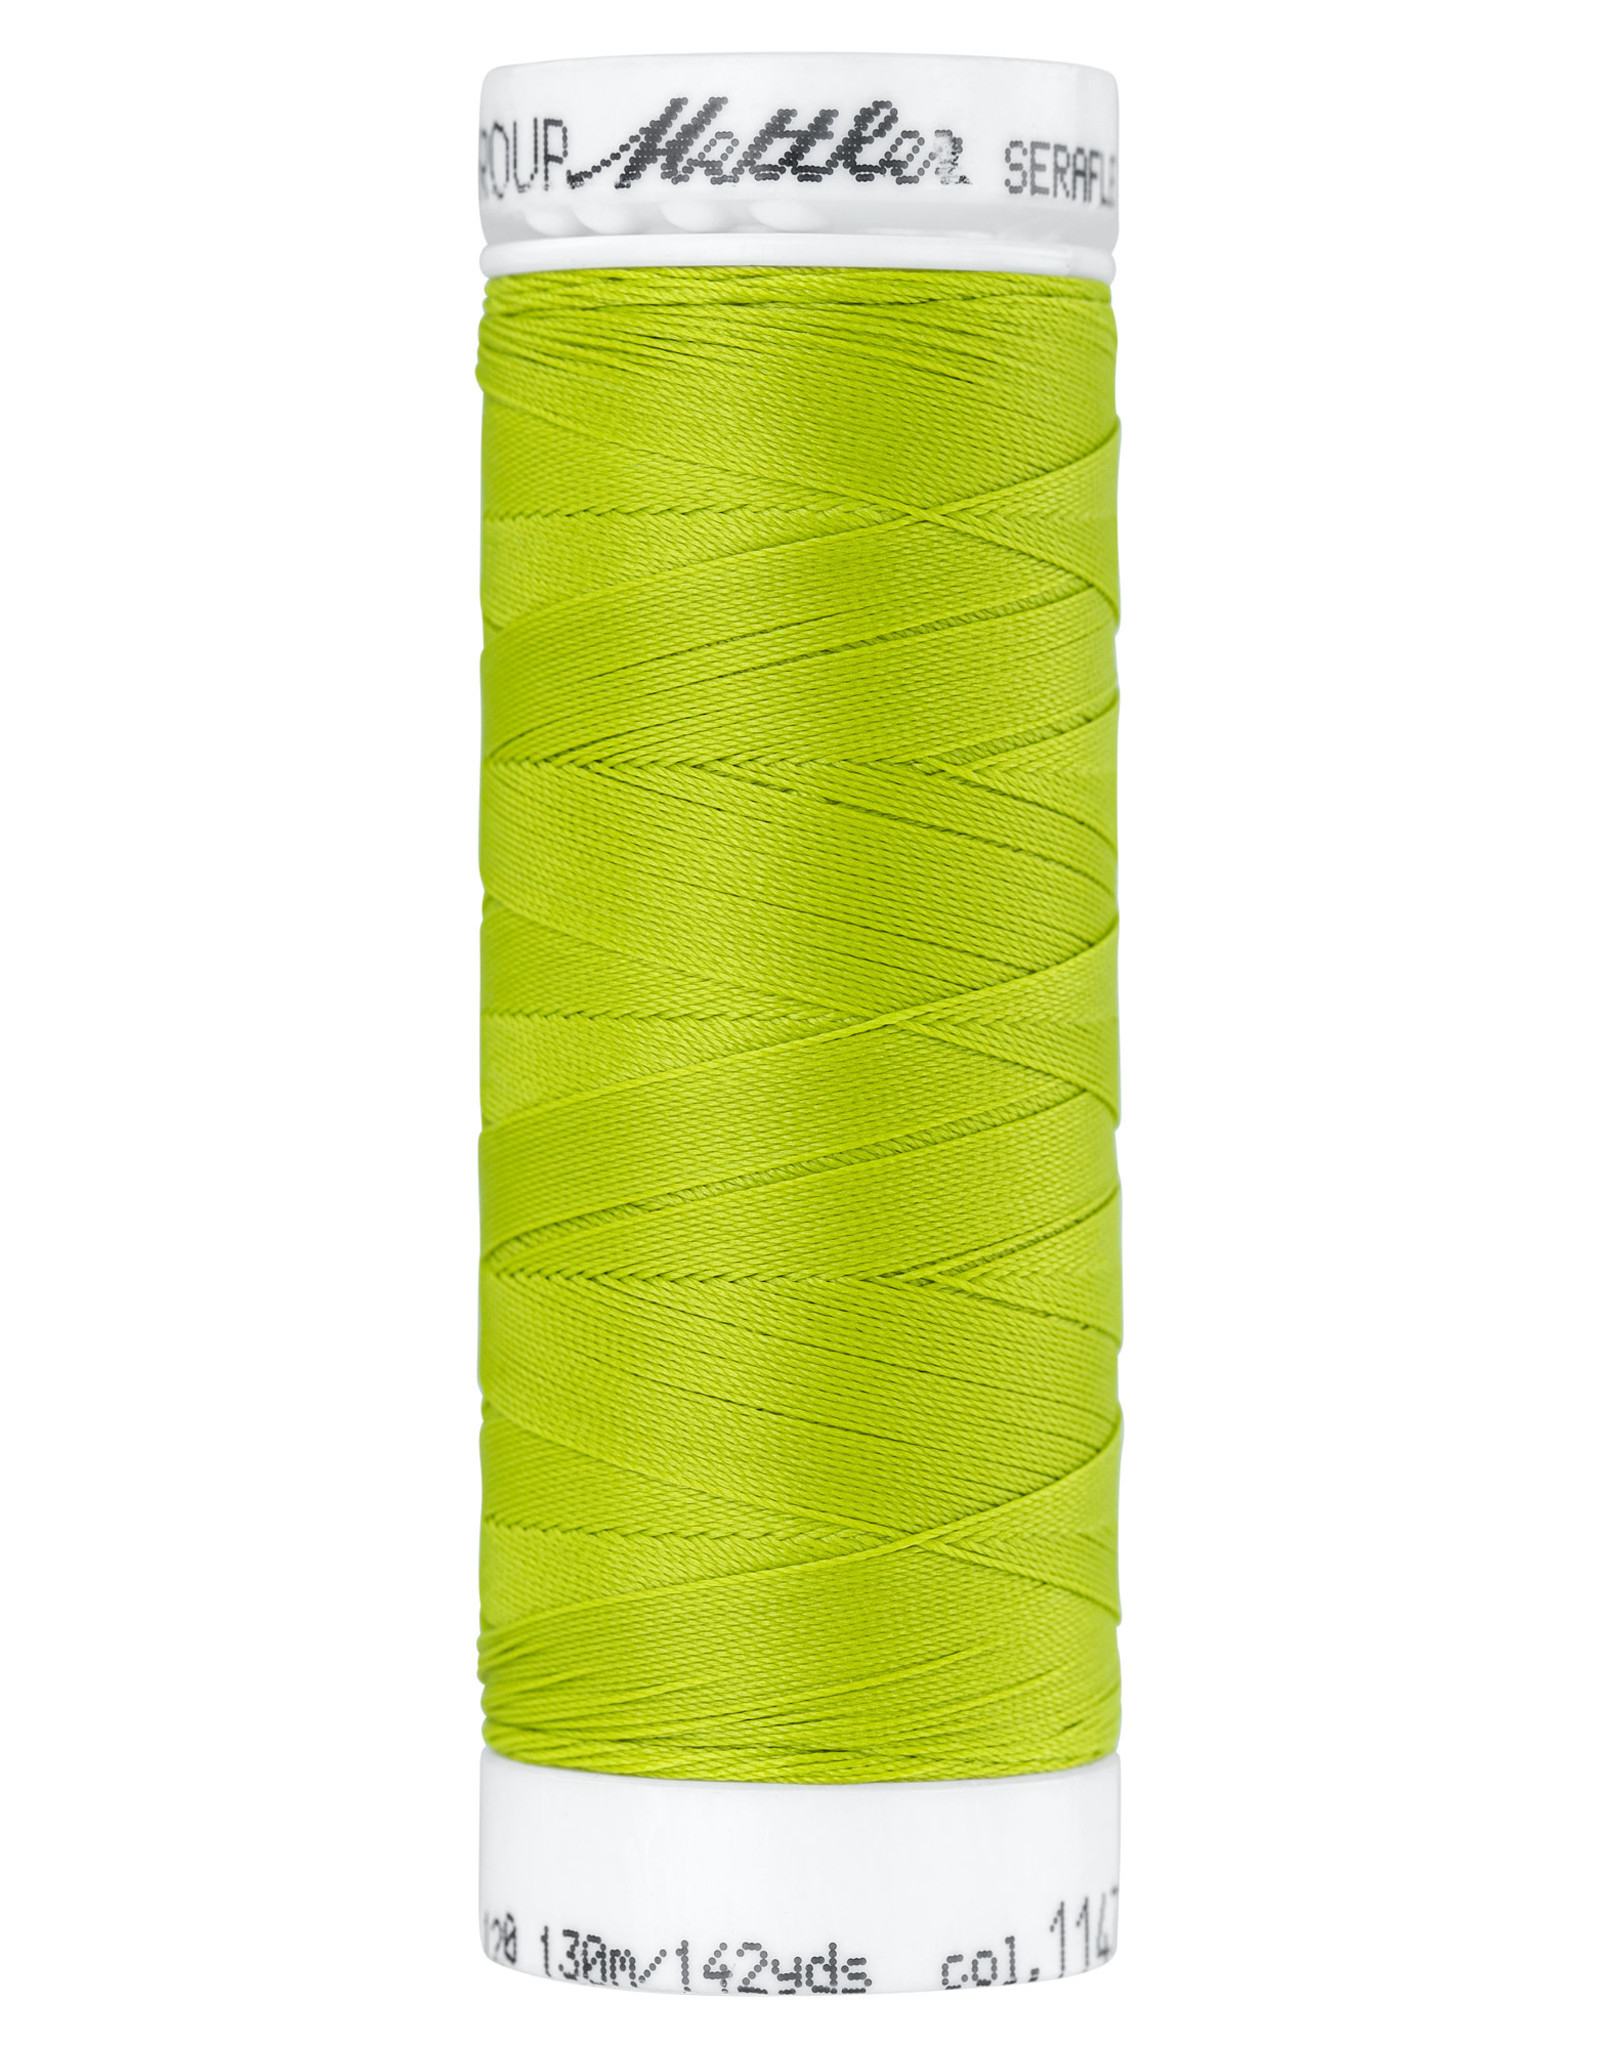 Mettler SERAFLEX elastisch naaigaren 120 130m/142yds nr 1147